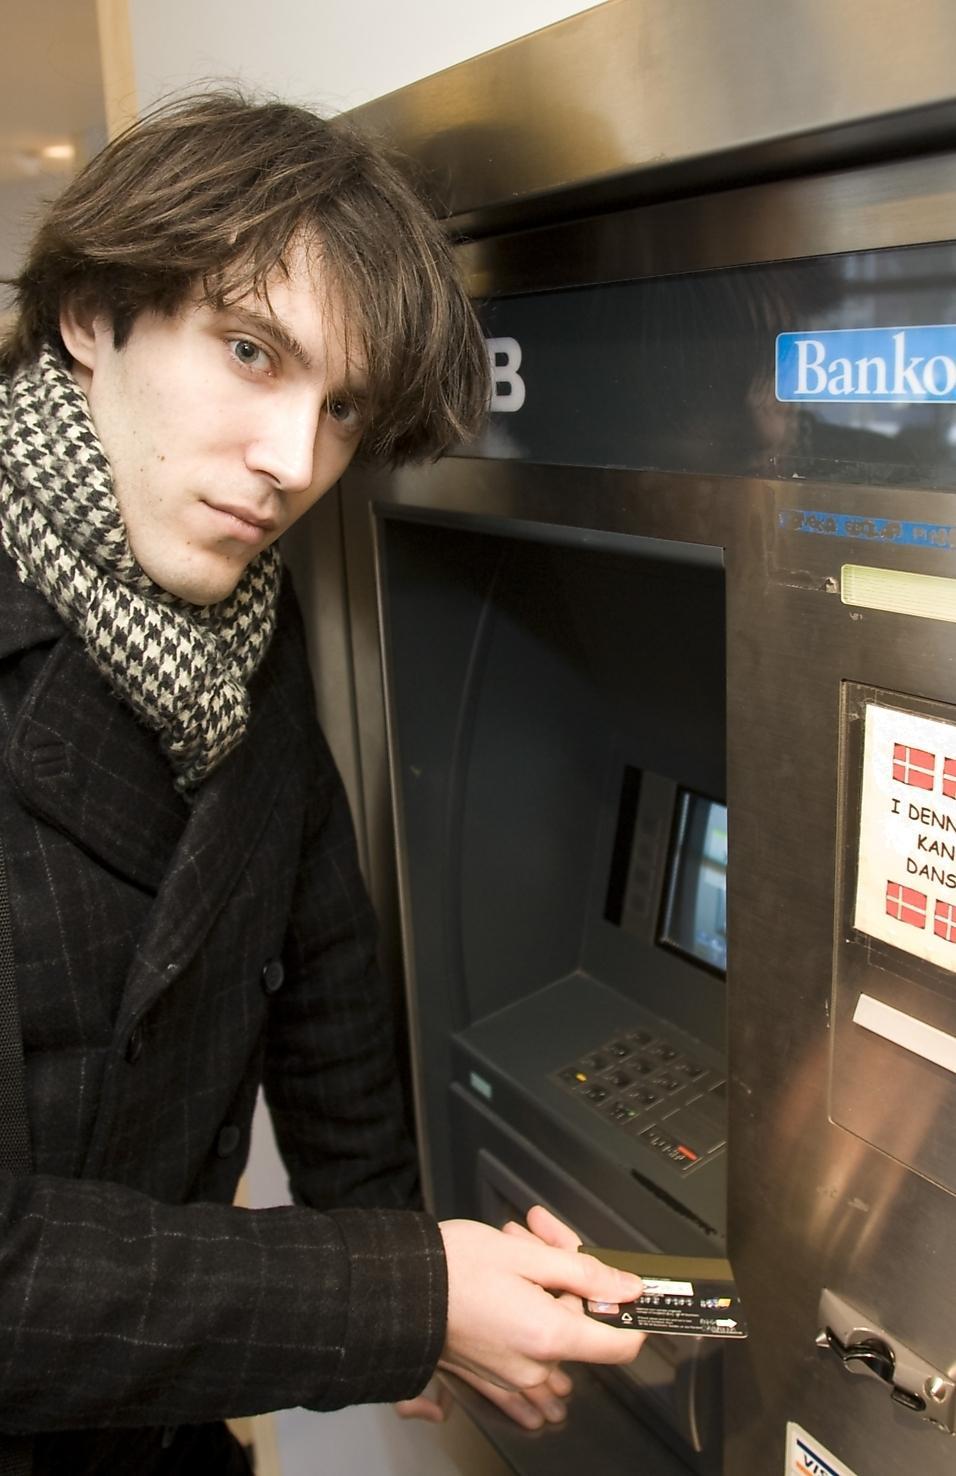 Studenten Kaj Svedberg sparar pengar till en resa. I onsdags märkte han dock hur någon annan hade tagit ut pengar från kontot. Bedragare hade skimmat hans kort.